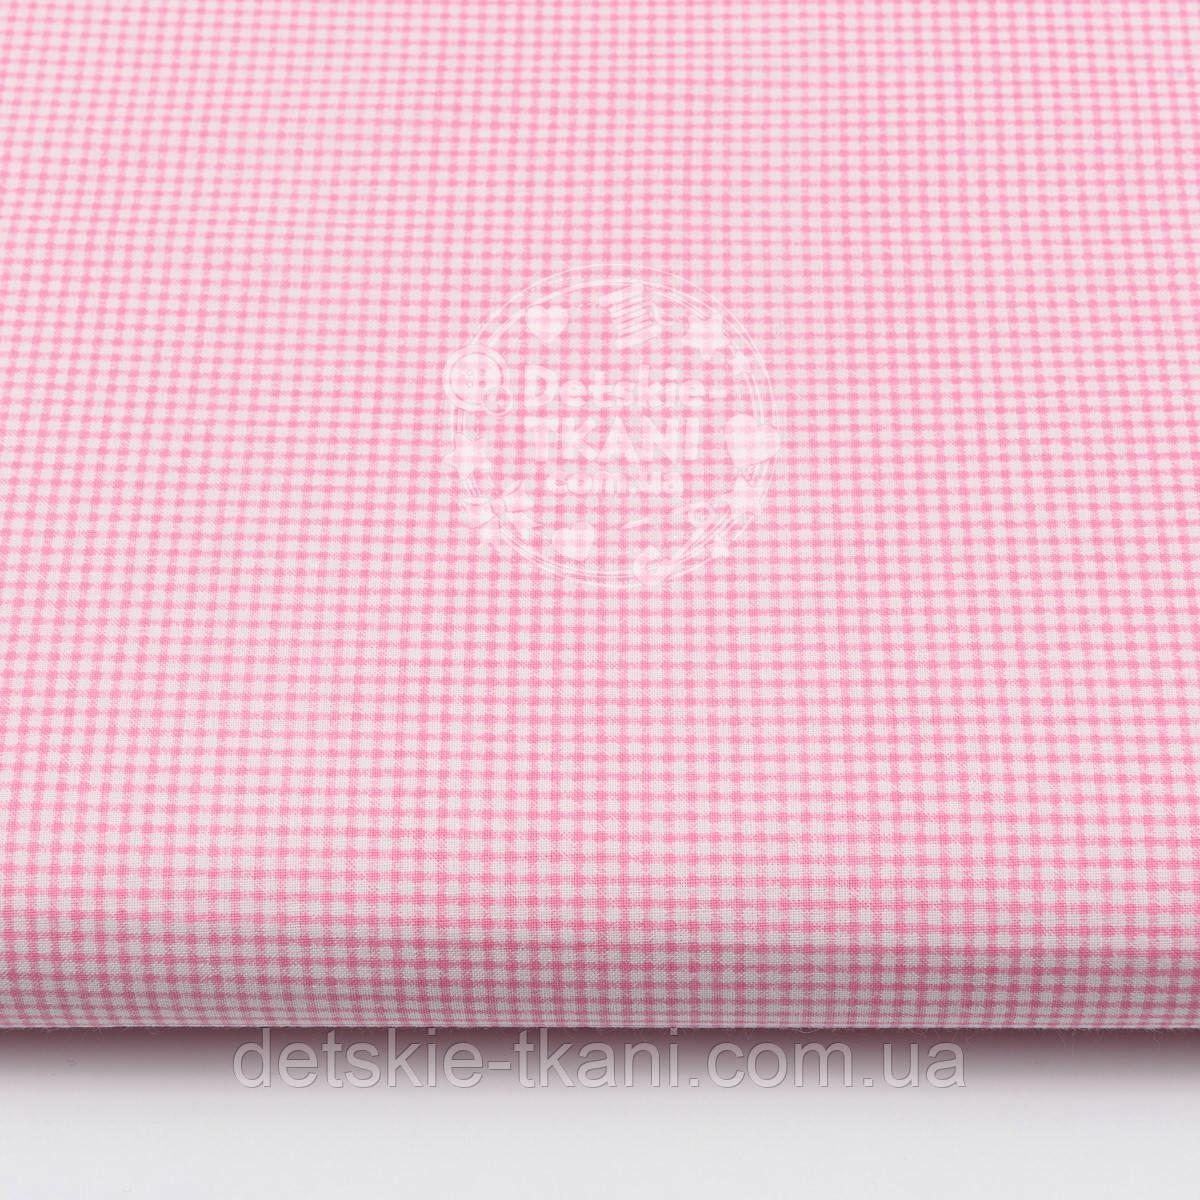 Ткань хлопковая с бело-розовой клеточкой 2 мм №1581